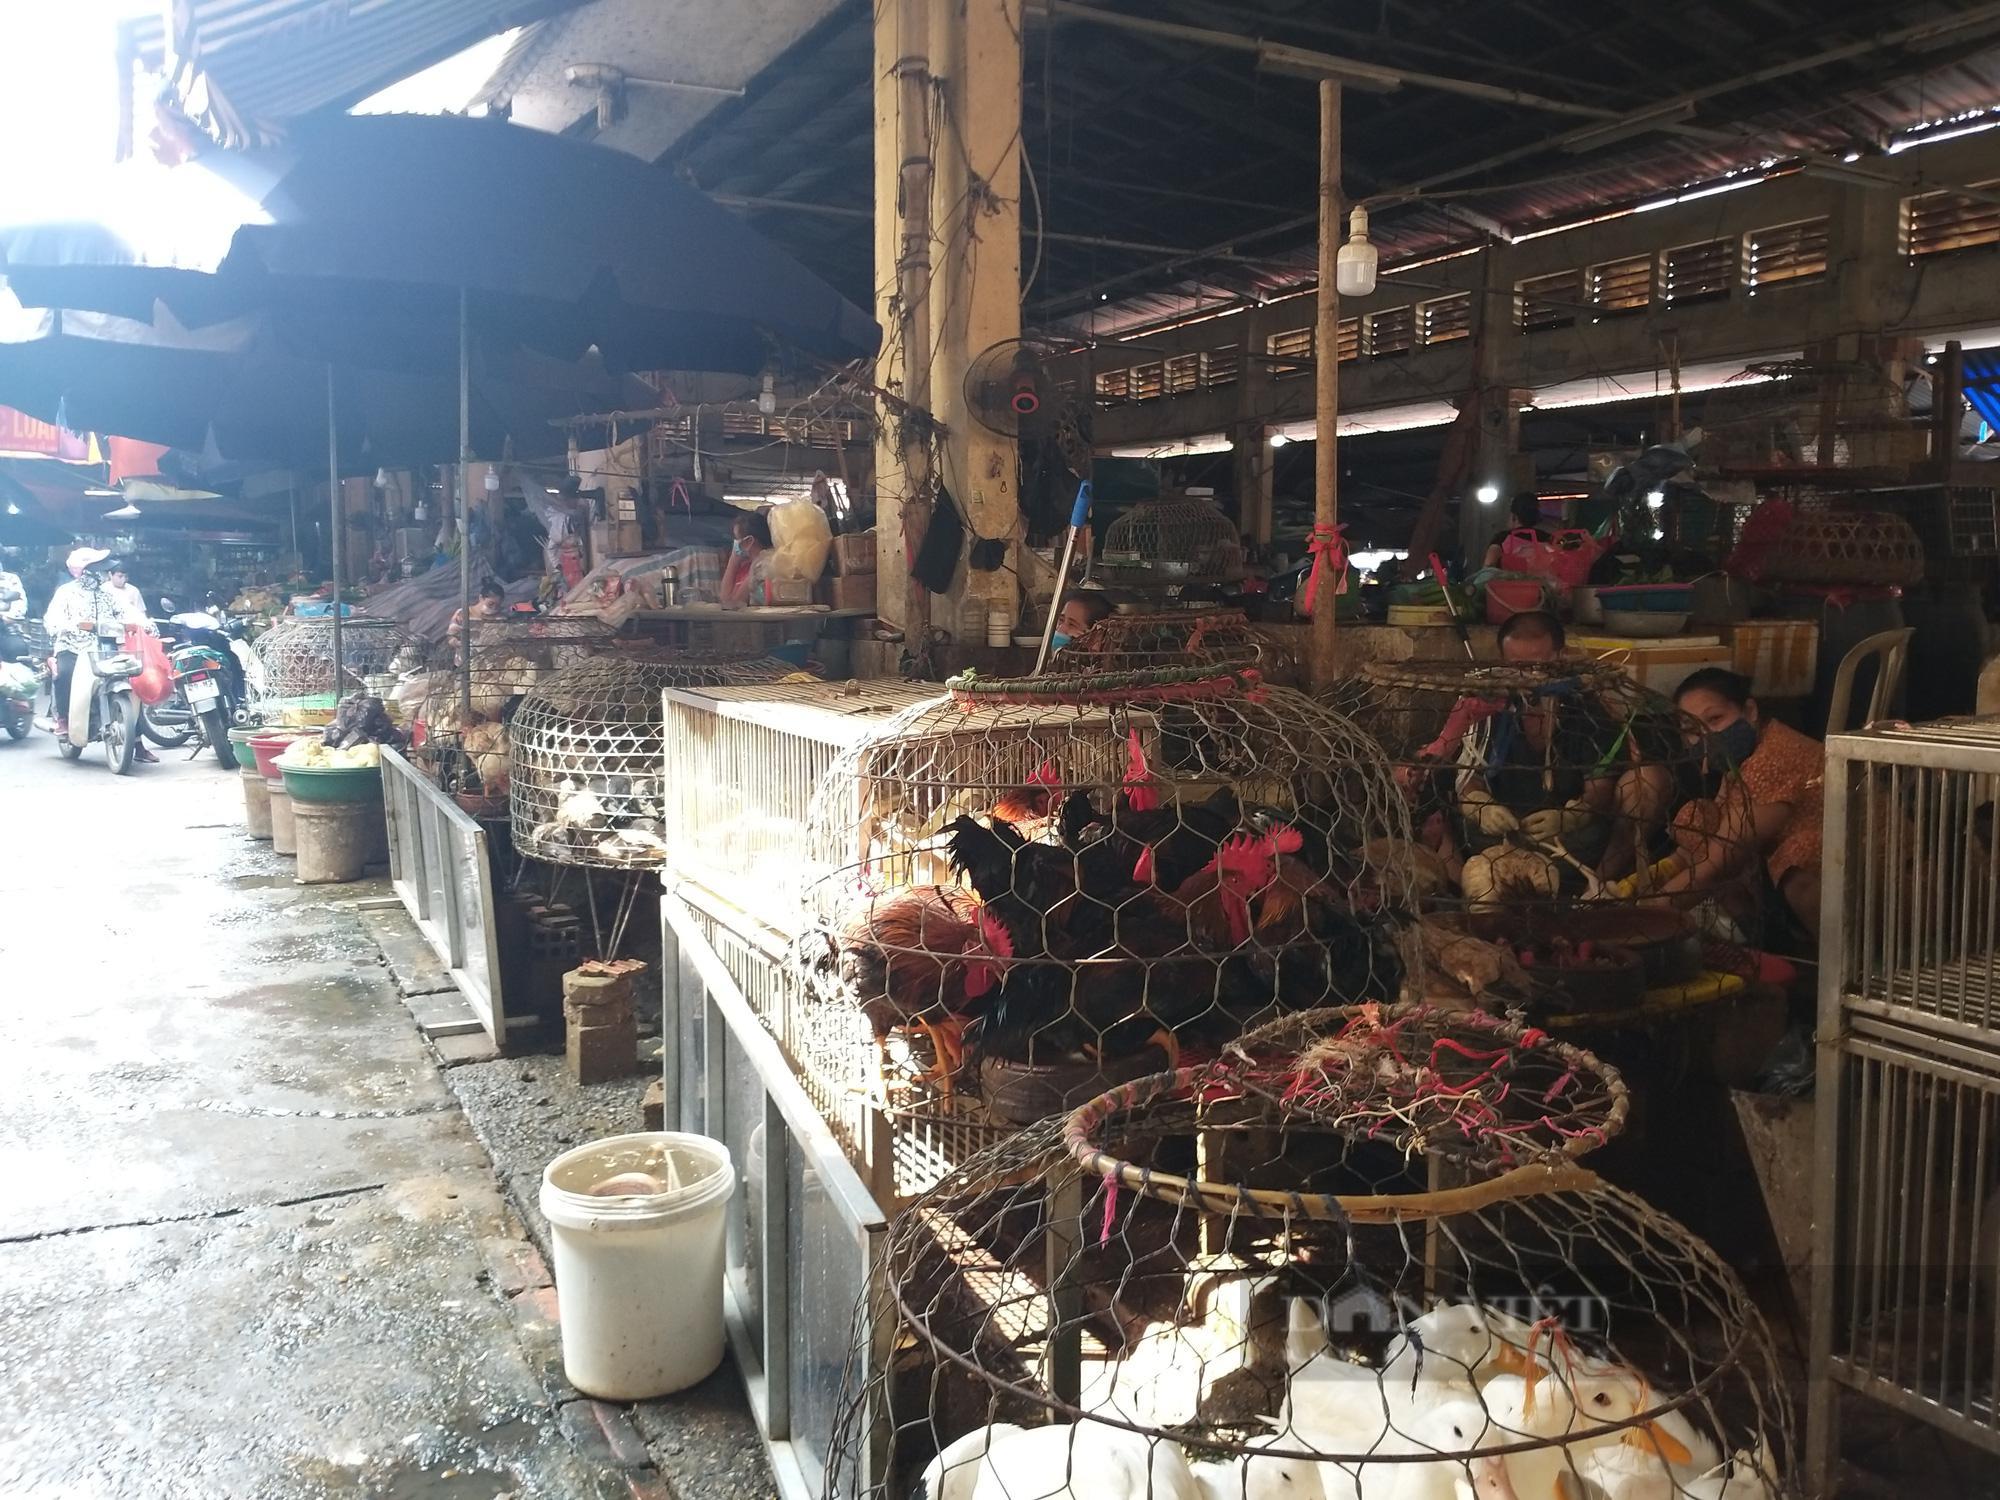 Giá gia cầm hôm nay 24/7: Cập nhật giá gà, vịt tại chợ đầu mối gia cầm lớn nhất miền Bắc - ảnh 2